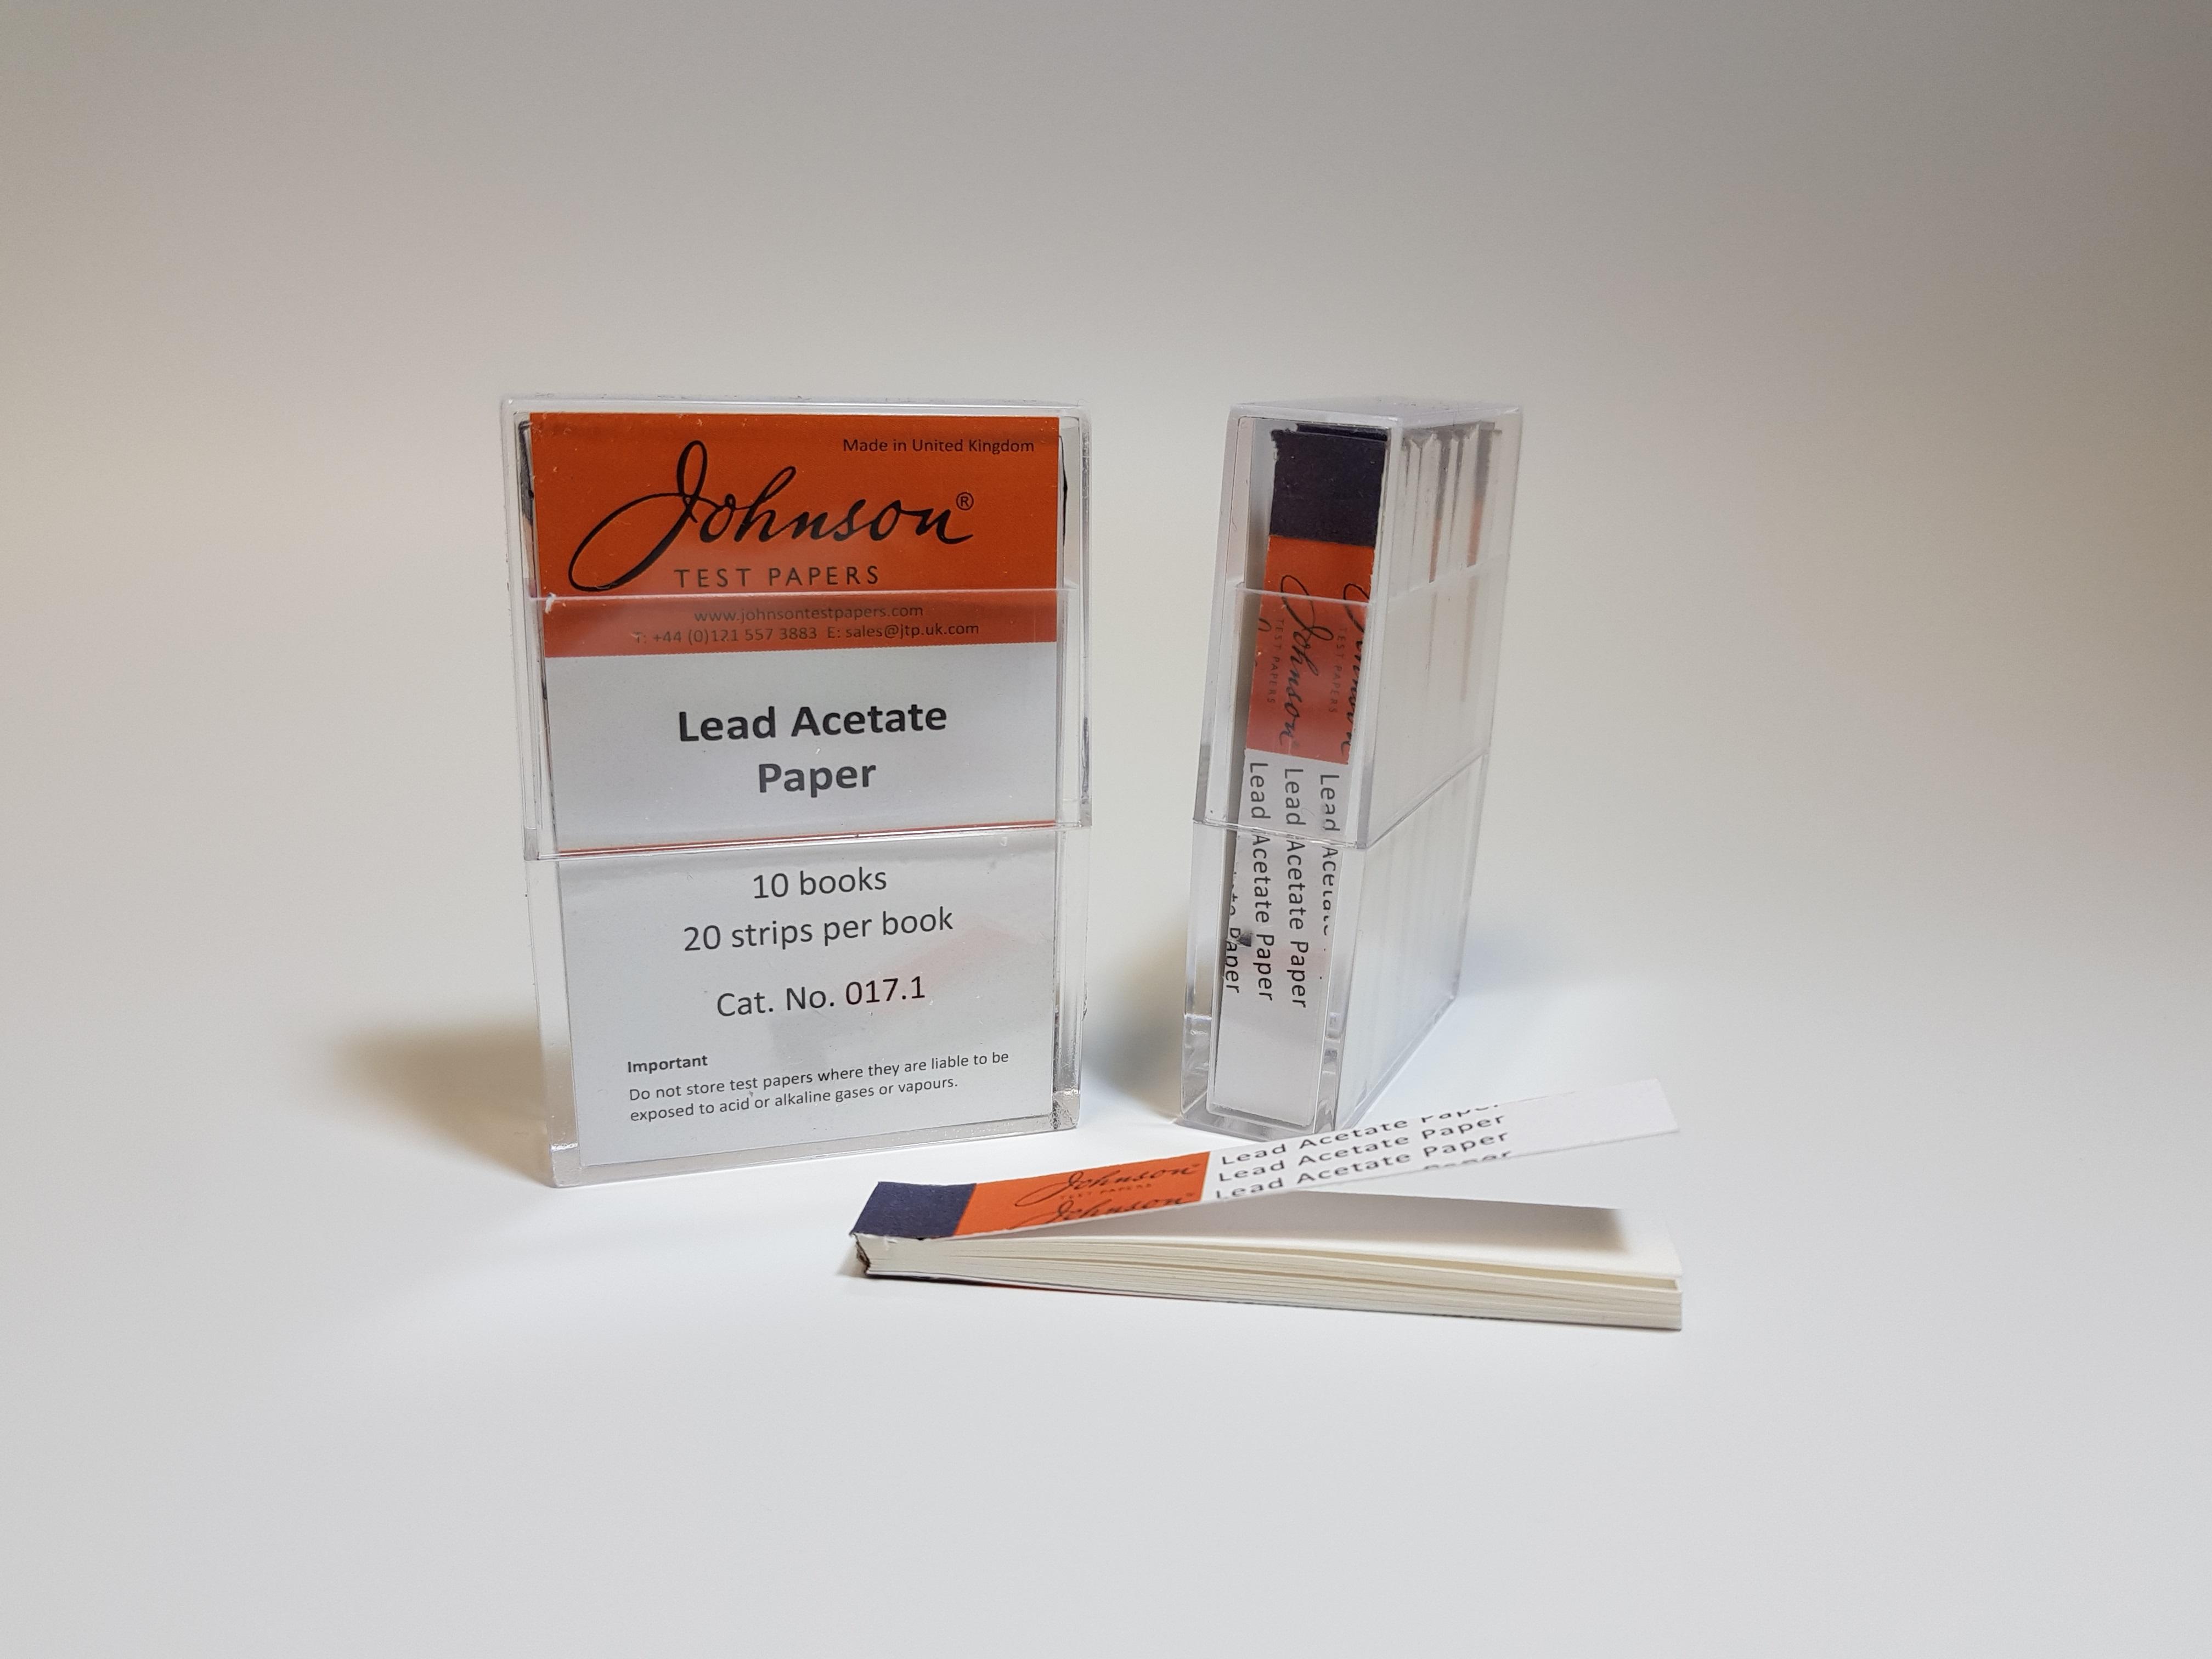 Lead Acetate Paper